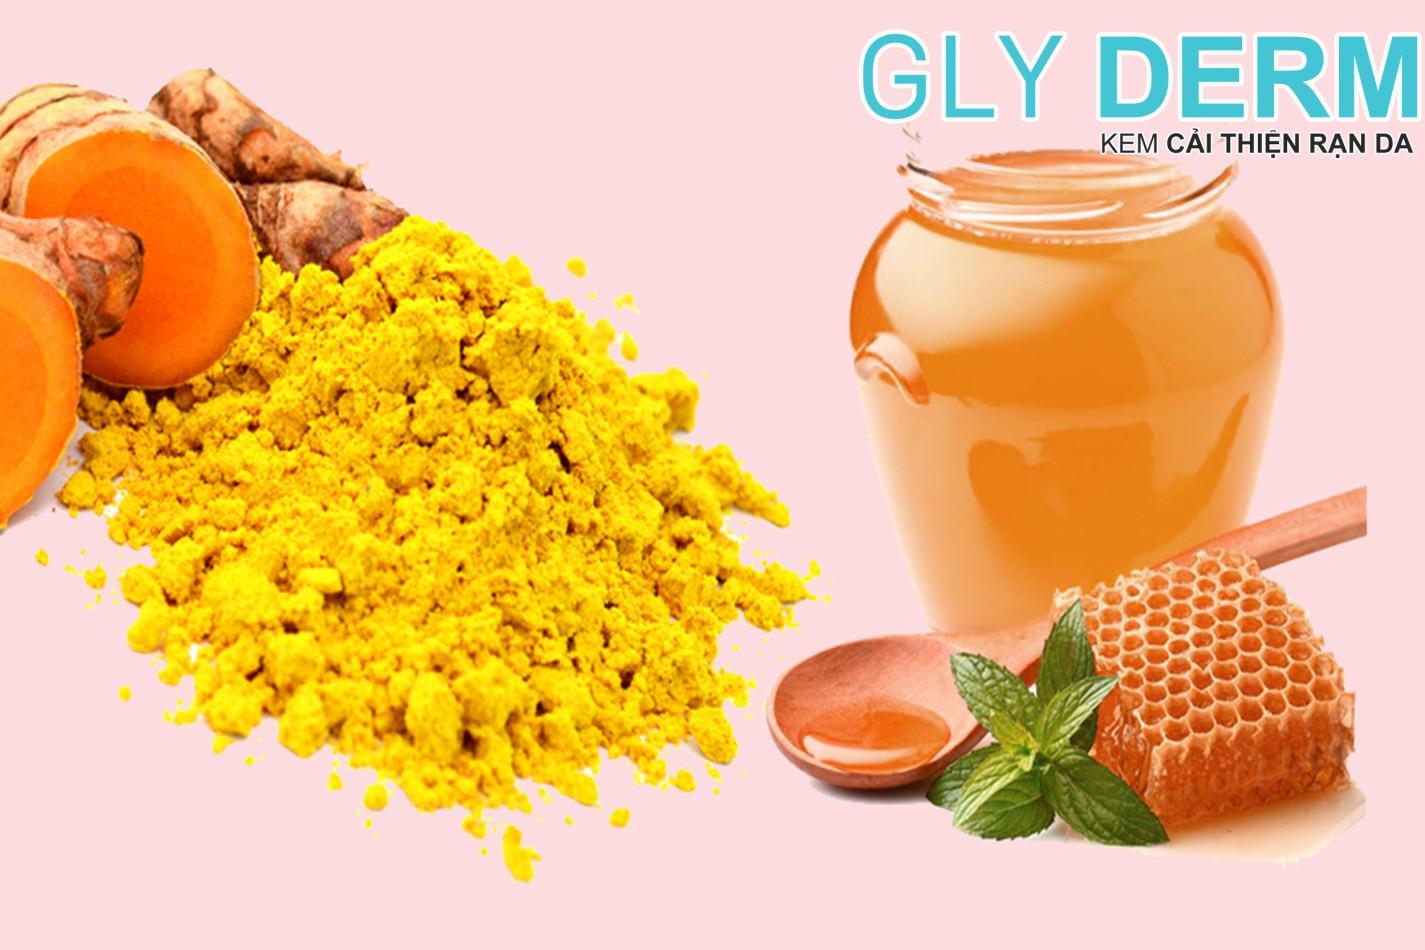 Khắc phục rạn da sau sinh bằng nghệ và mật ong